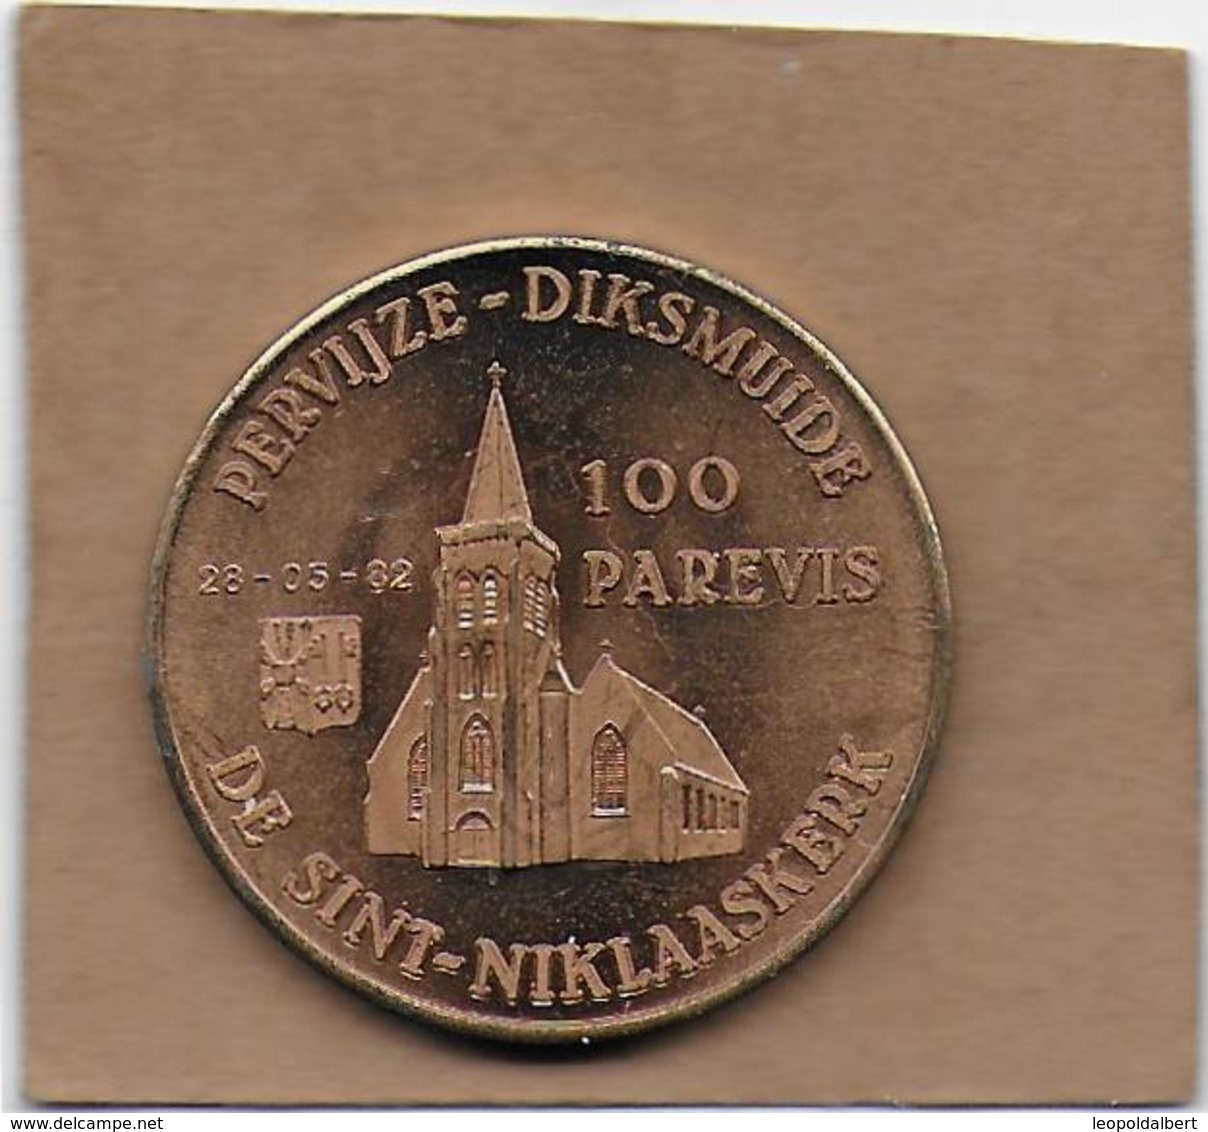 100 PAREVIS 1982 DIKSMUIDE PERVIJZE DE SINT-JNIKLAASKERK - Gemeentepenningen